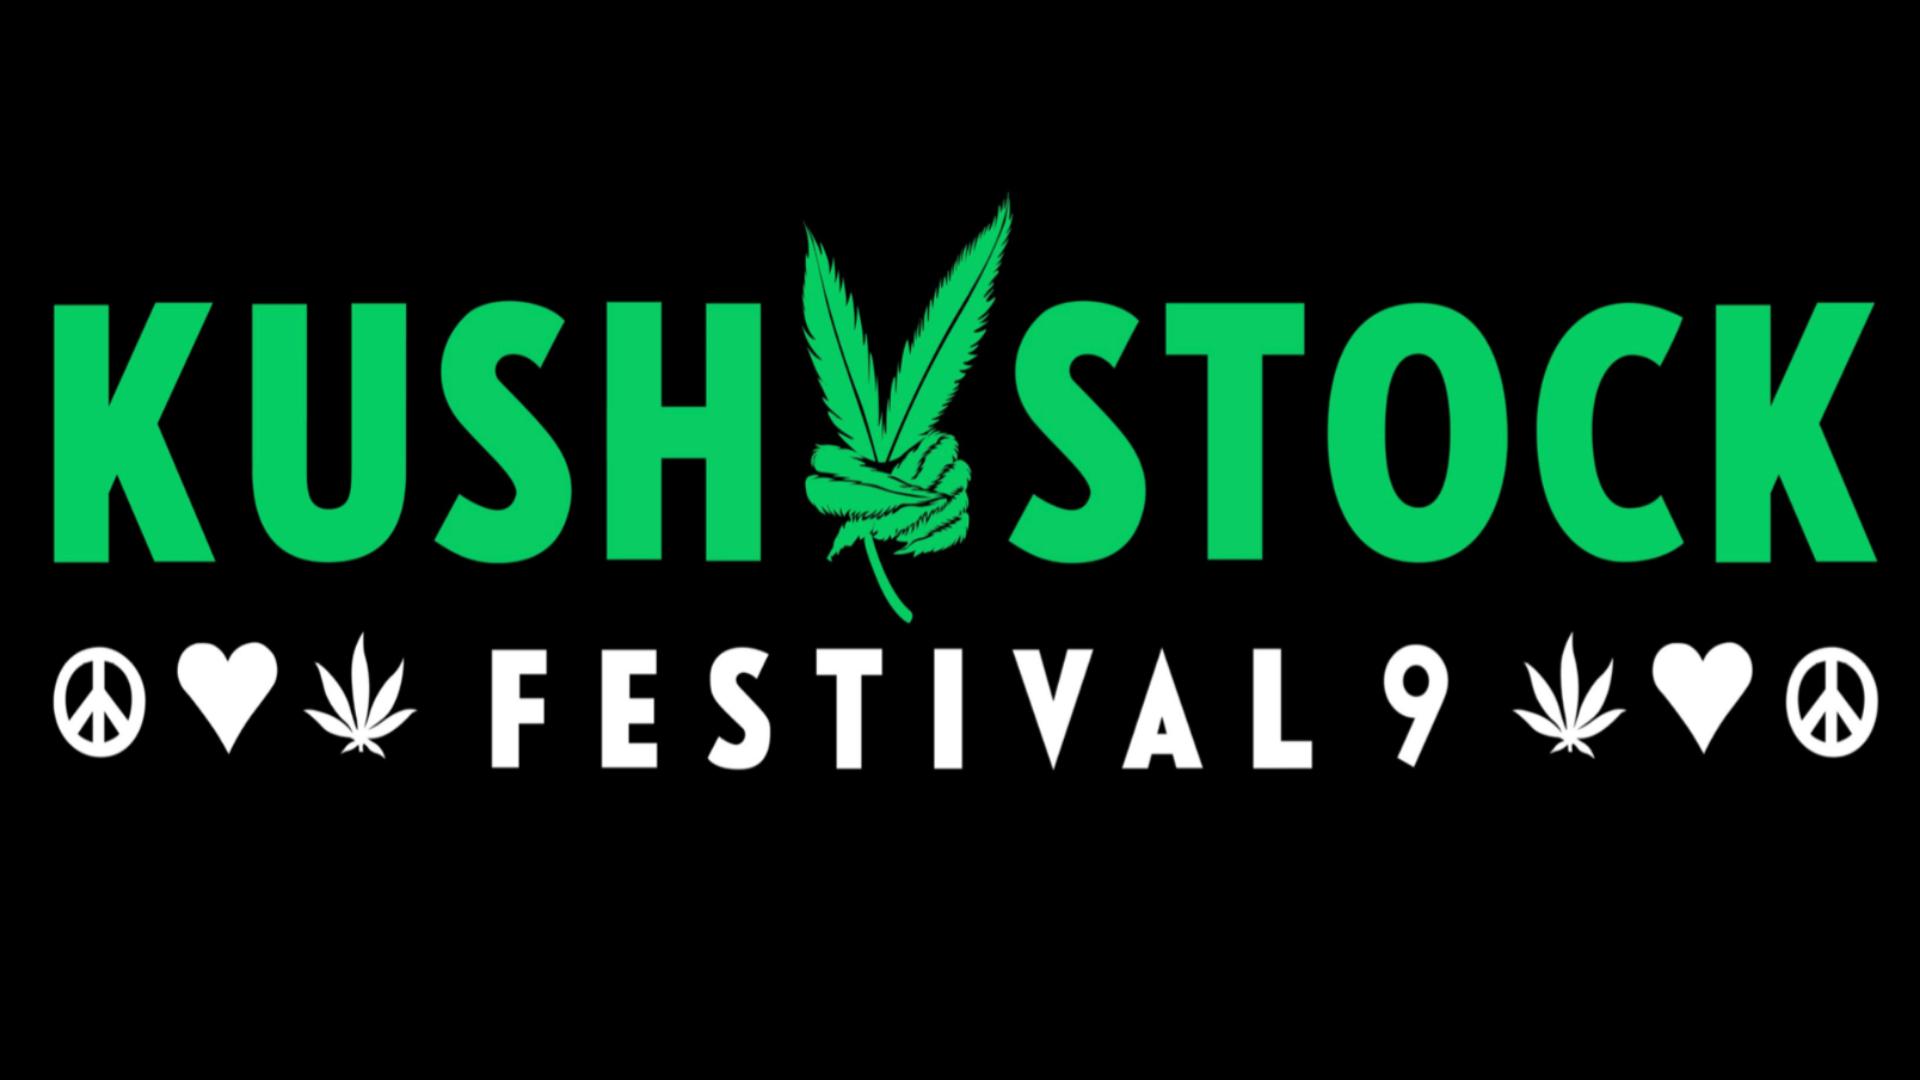 KushStock Festival 9